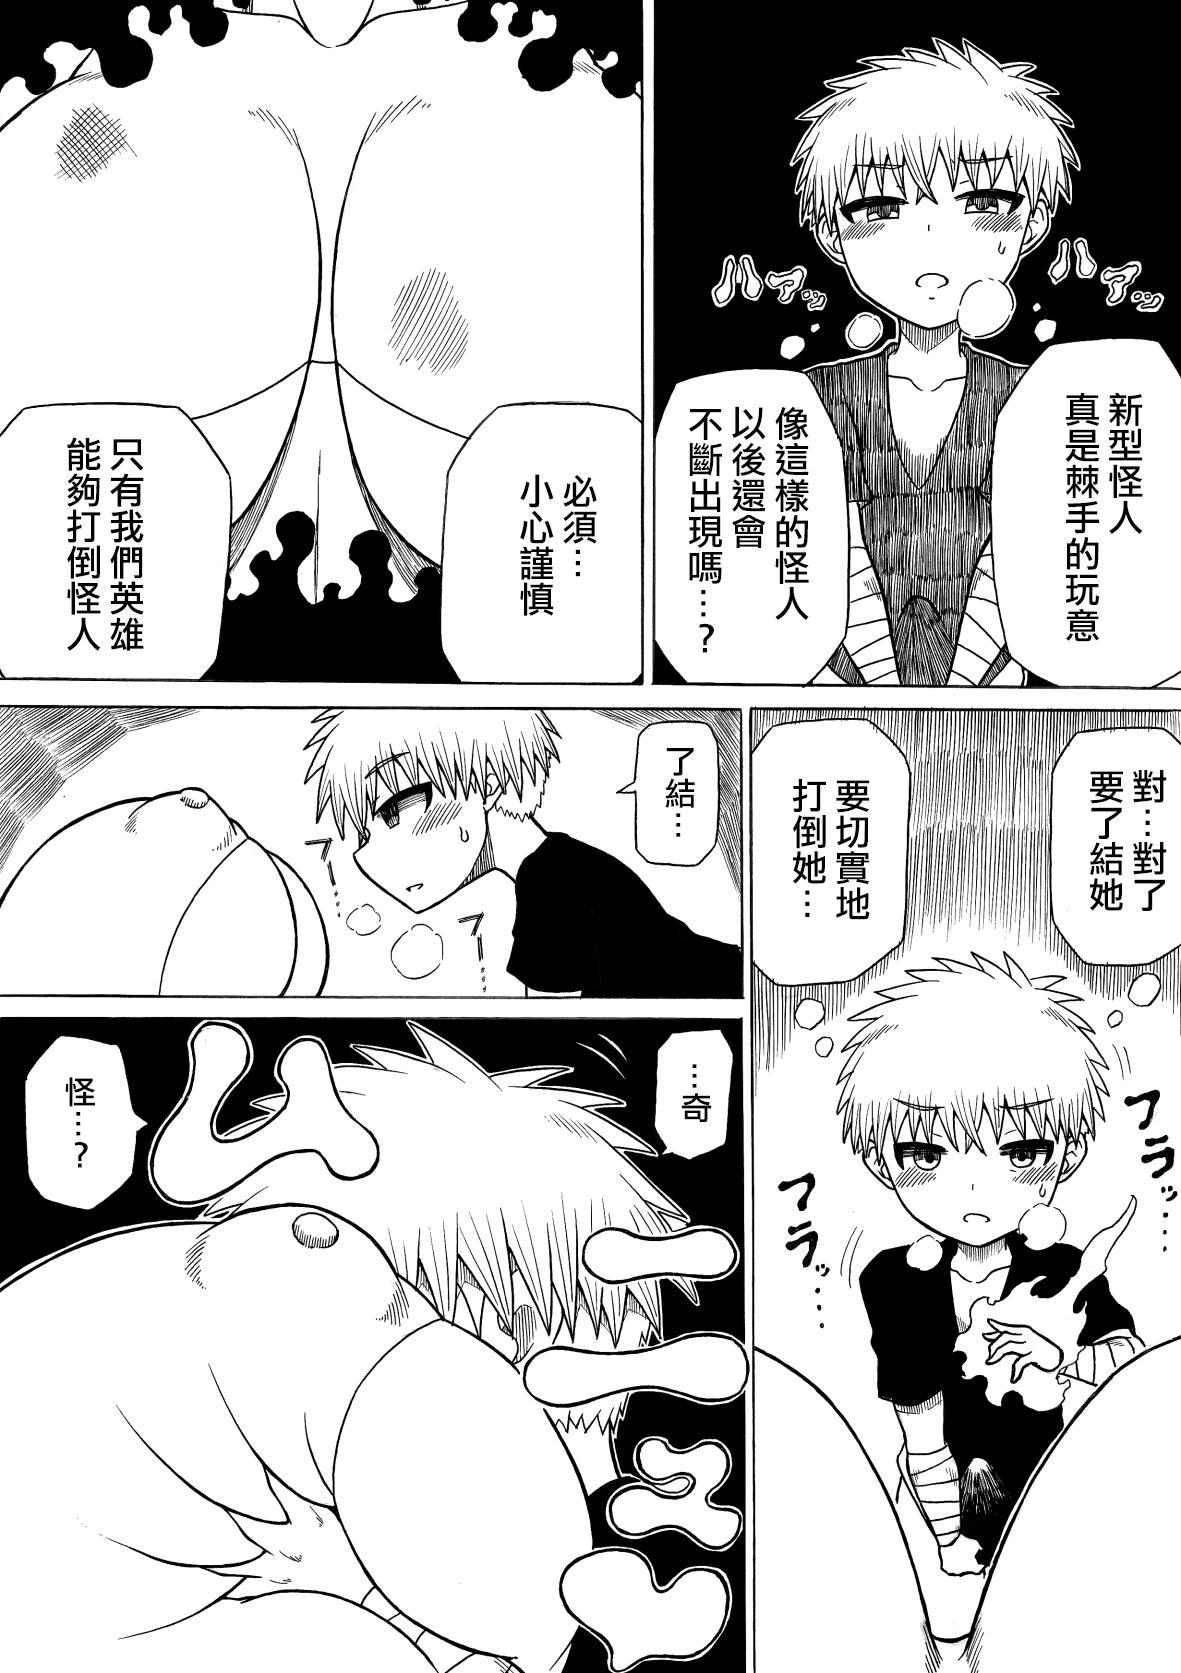 [Saga no Tame no Saga (Ratoo)] Hero haiboku ~ hajimari to owari ~ | 英雄敗北 ~起始與完結~ [Chinese] [沒有漢化] 29